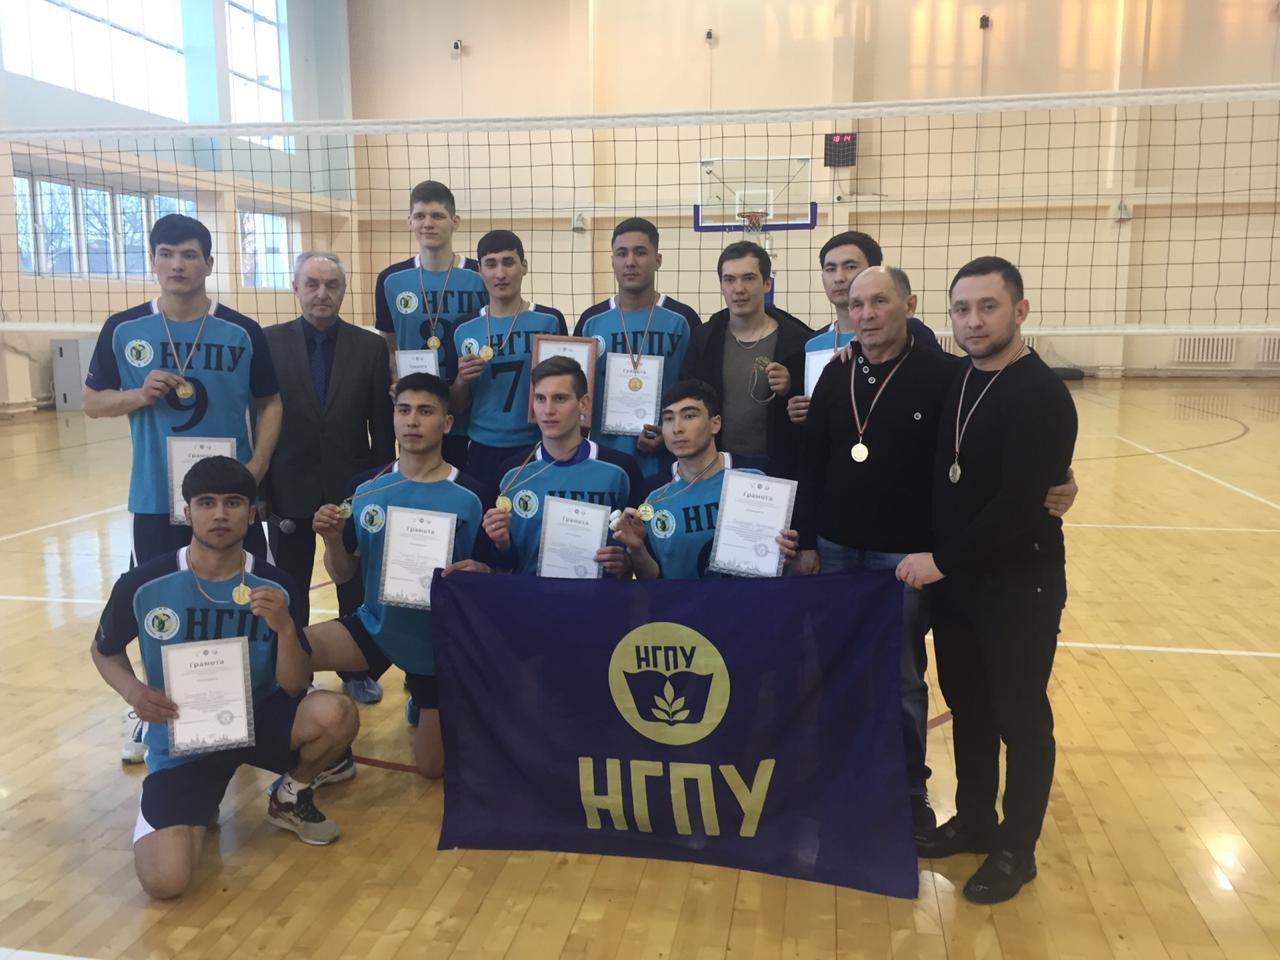 Сборная НГПУ стала победителем Первенства студенческой волейбольной лиги РТ среди мужских команд